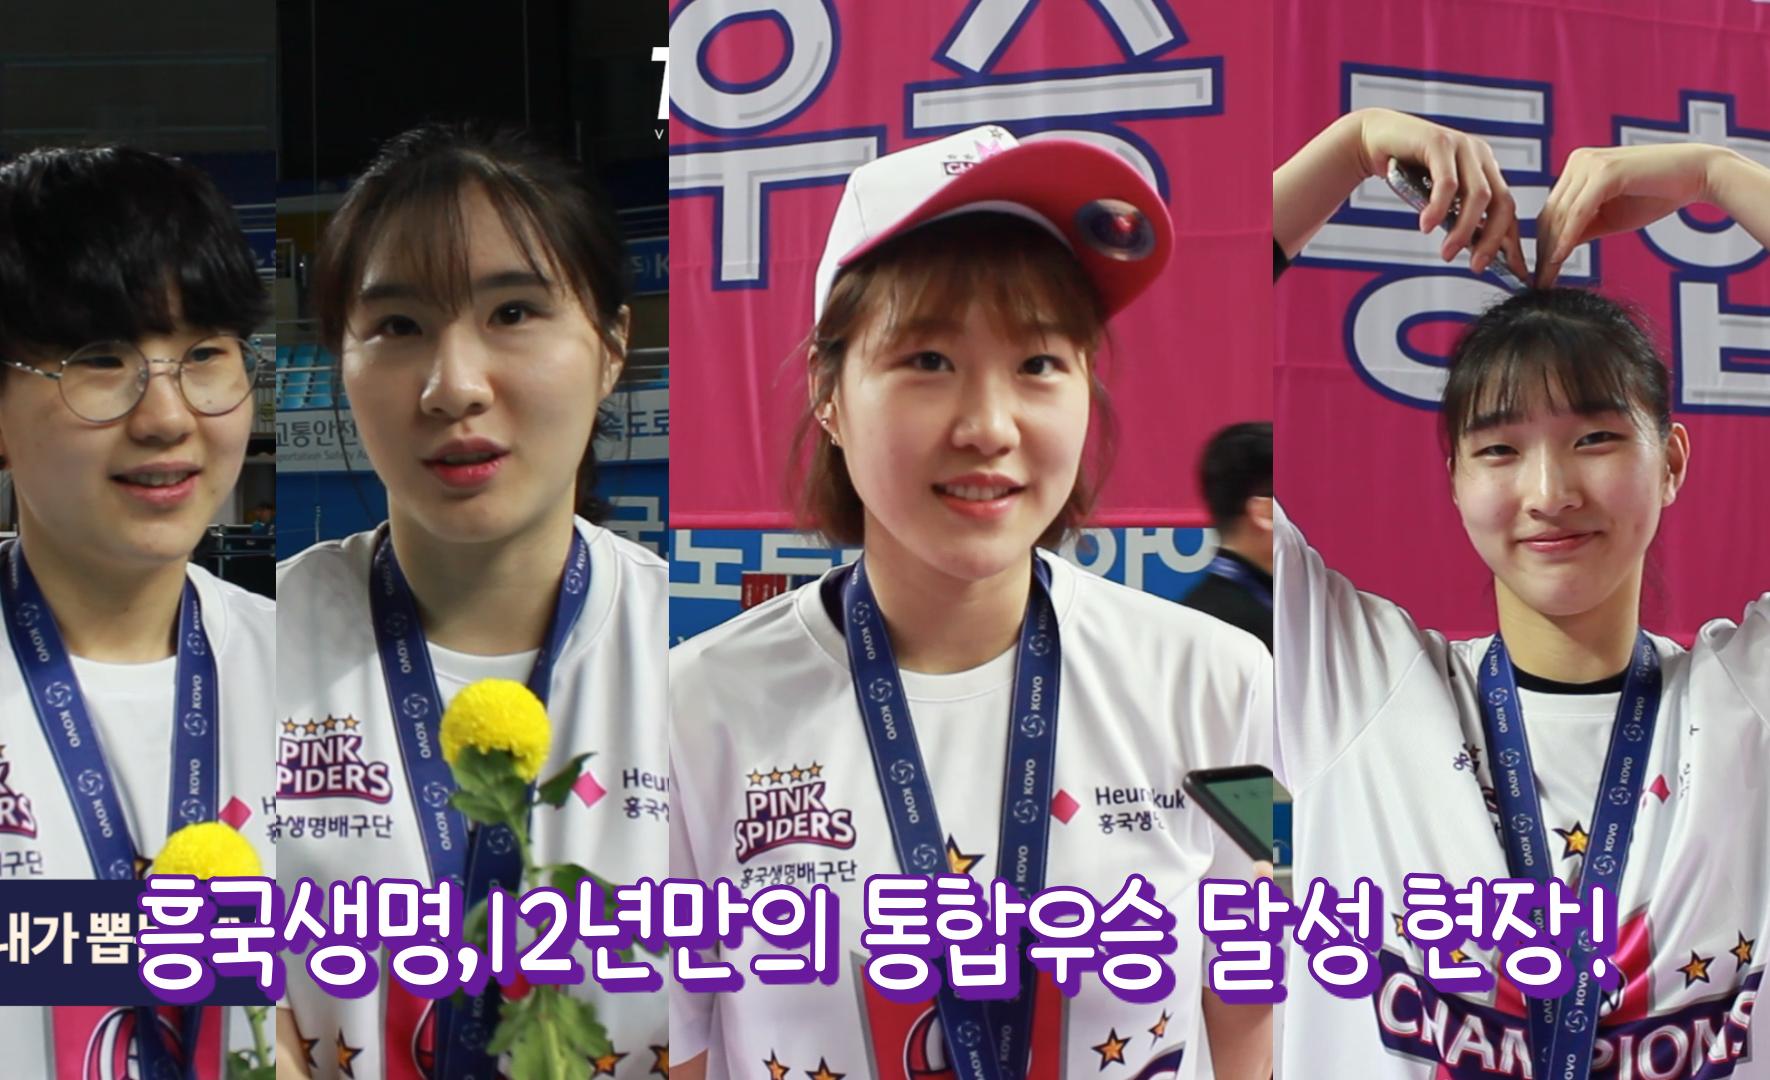 [SpikeTV] '하나 되어 만든 우승' 흥국생명 12년만의 통합우승 현장!